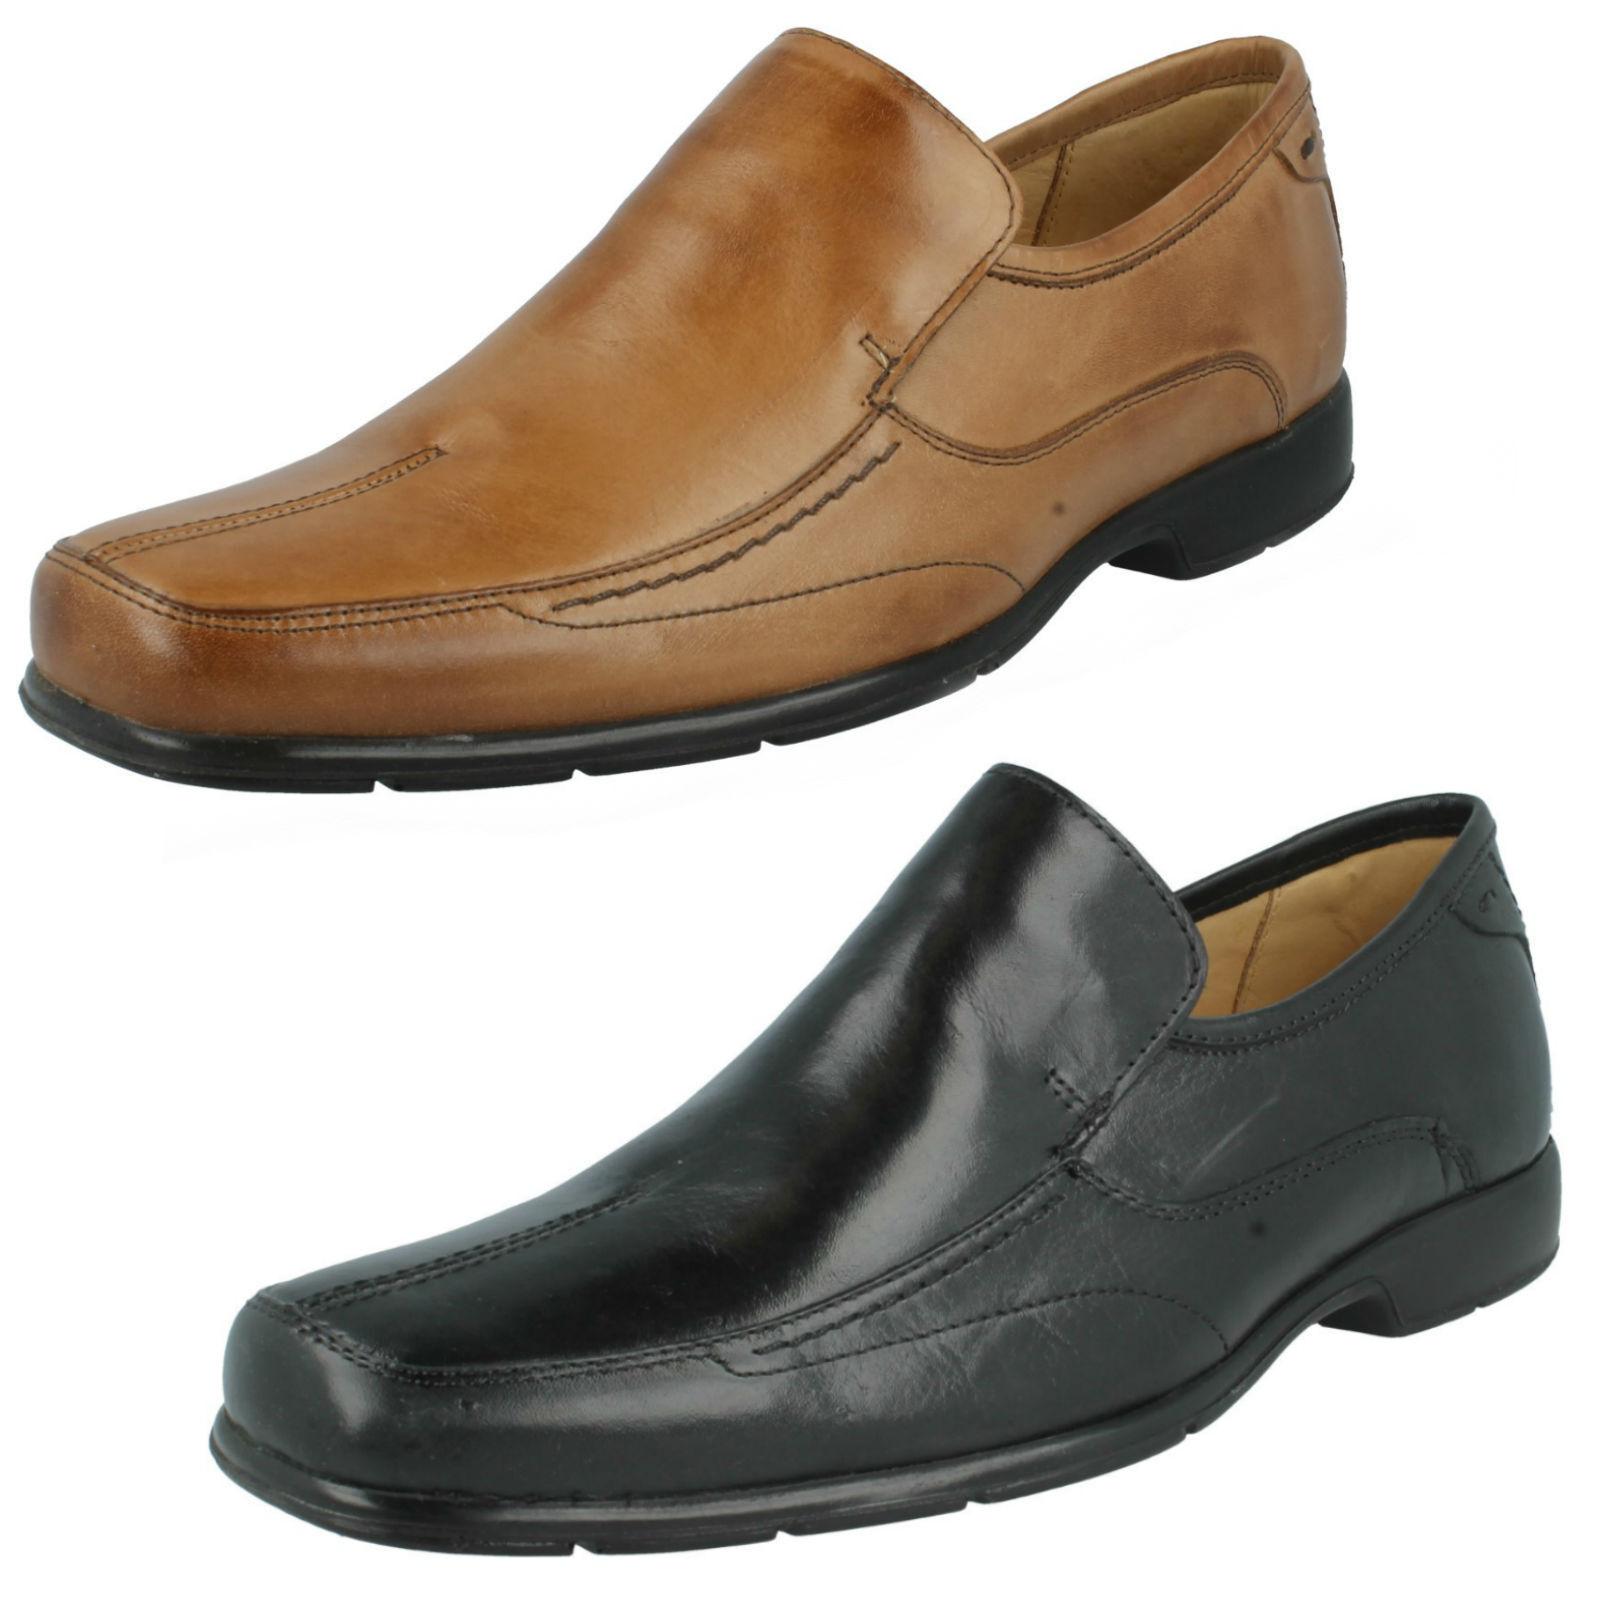 hommes PETROPOLIS à noir / CUIR OCRE à PETROPOLIS enfiler chaussures par anatomic&co a6034c